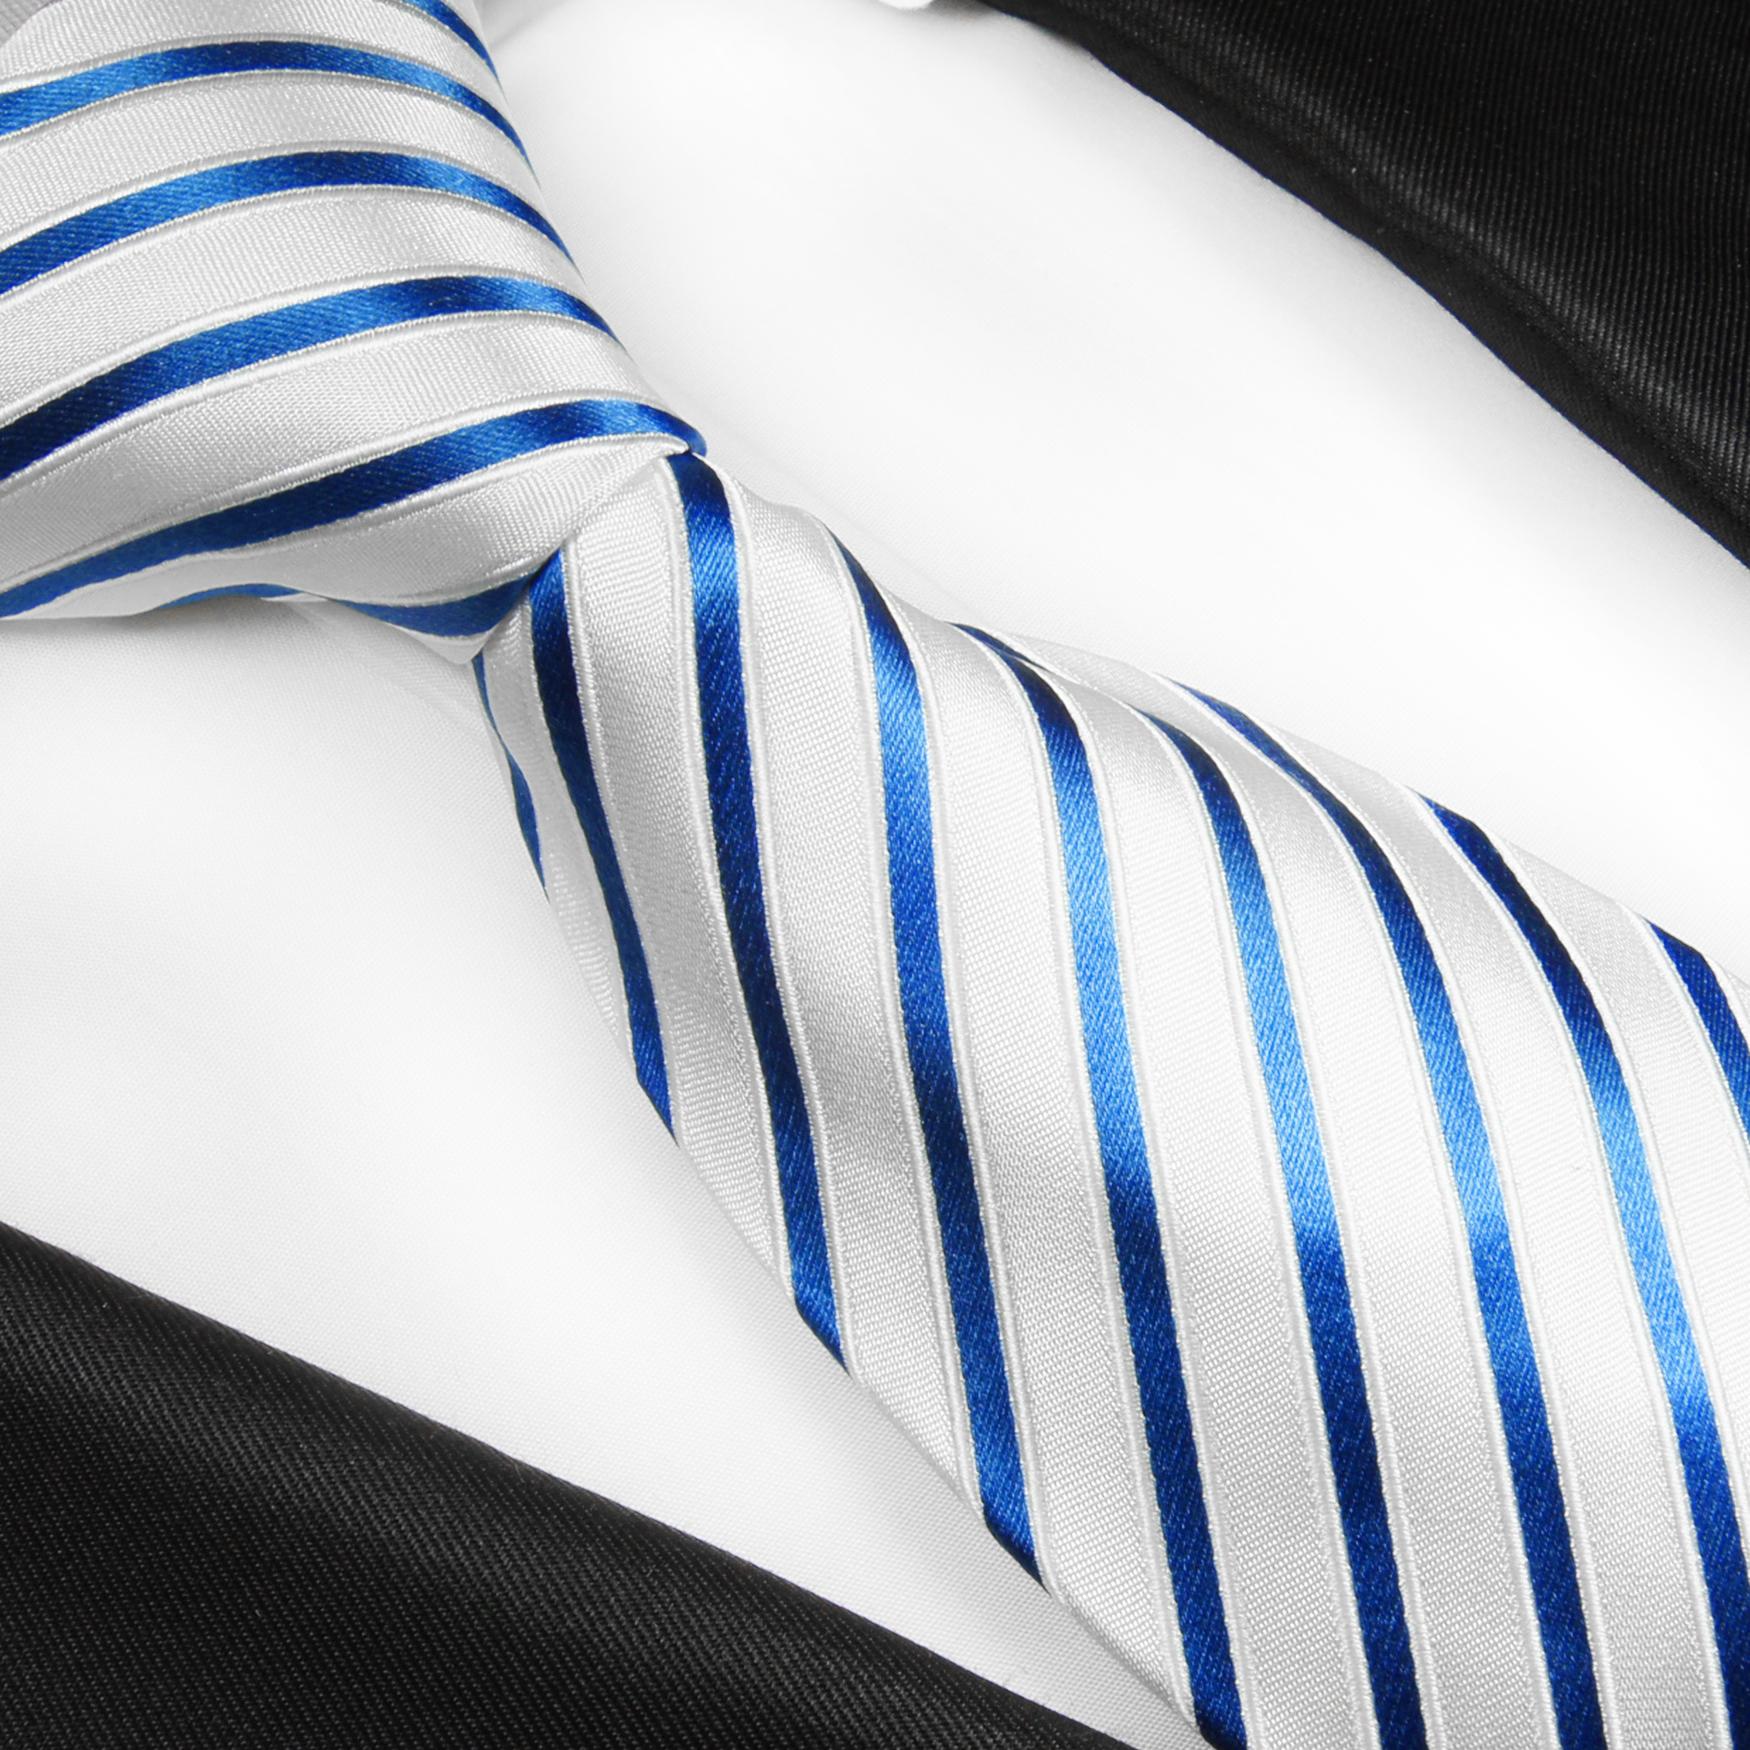 Normall/änge, Extralang oder schmal Paul Malone Krawatte wei/ß silber gestreifte Seidenkrawatte